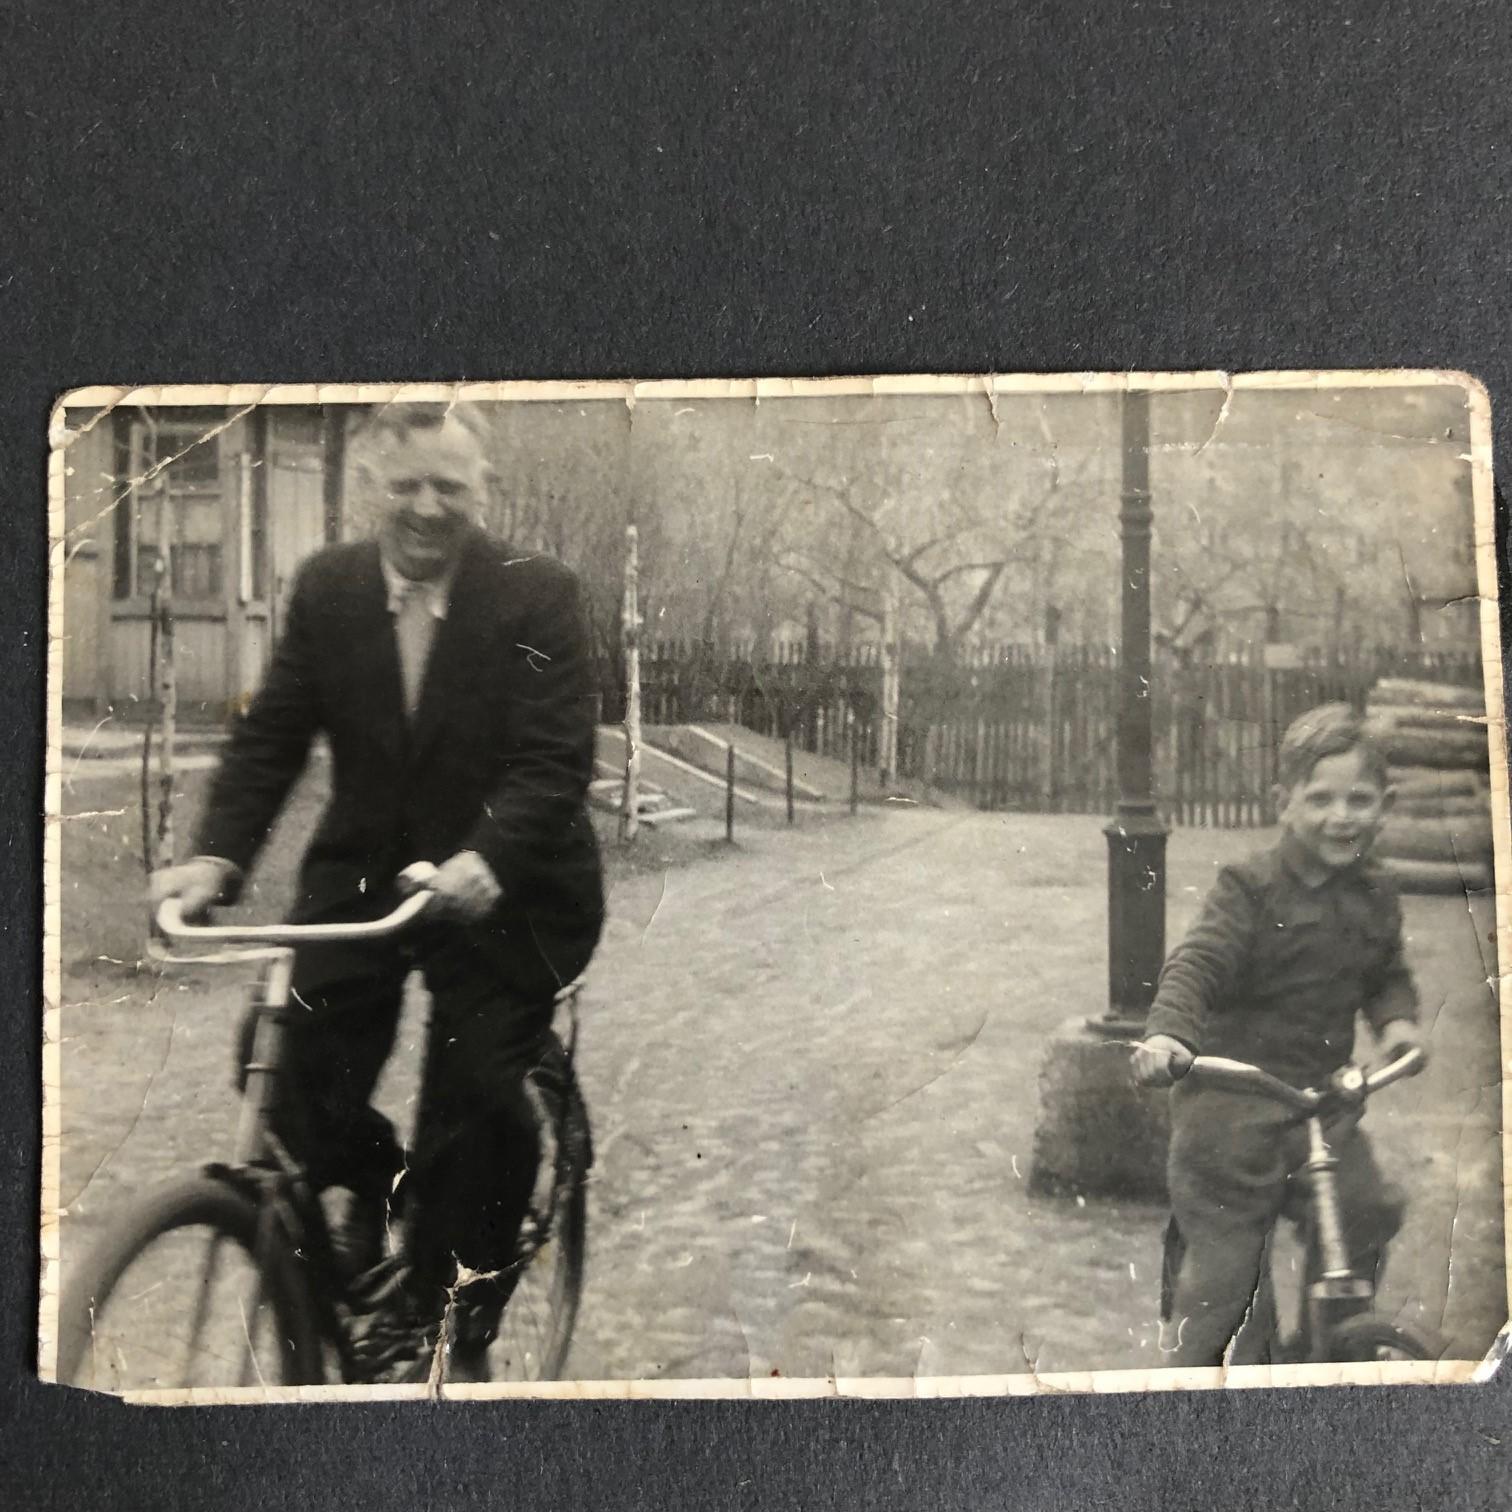 Walter und Rüdiger, etwa 1947